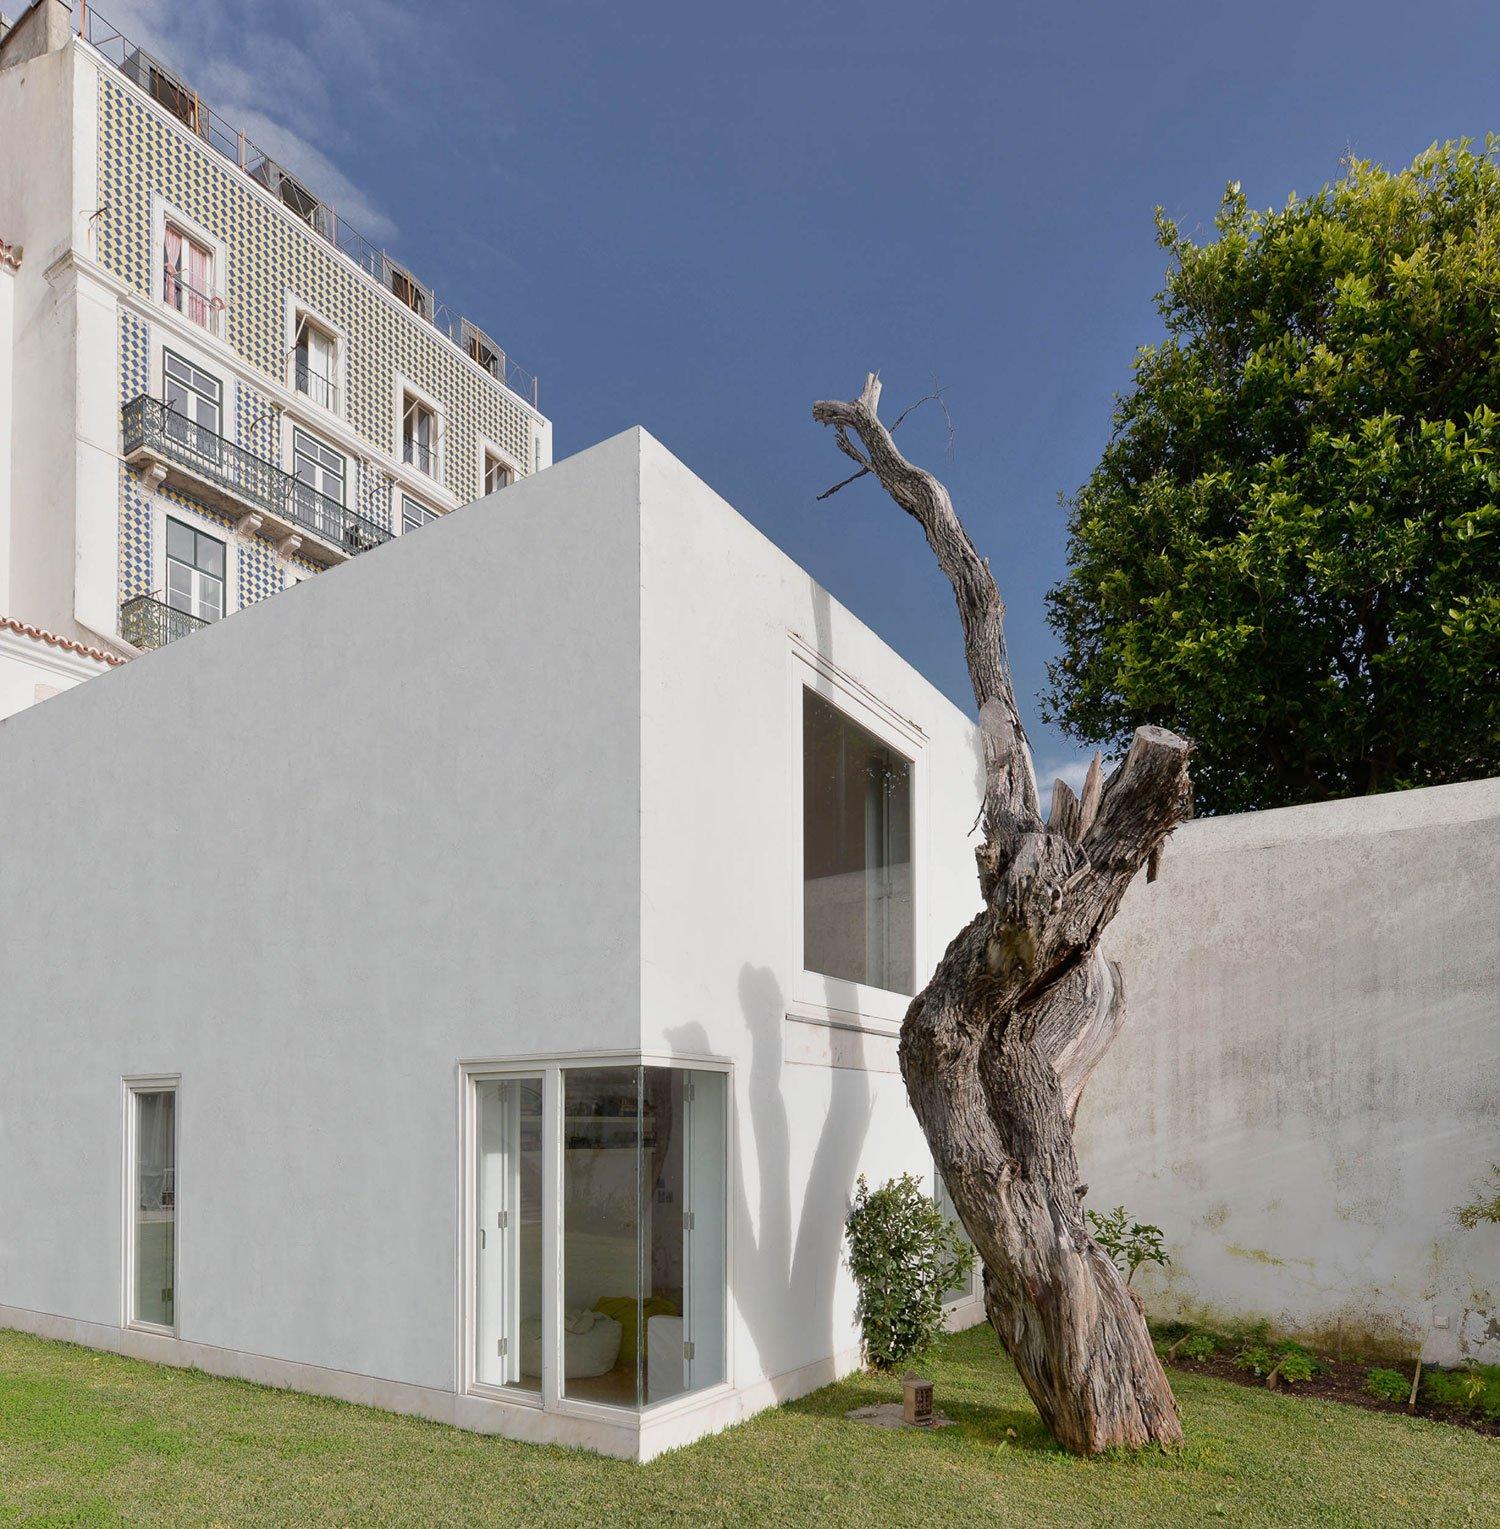 Casa-na-Rua-de-Sao-Mamede-ao-Caldas-08